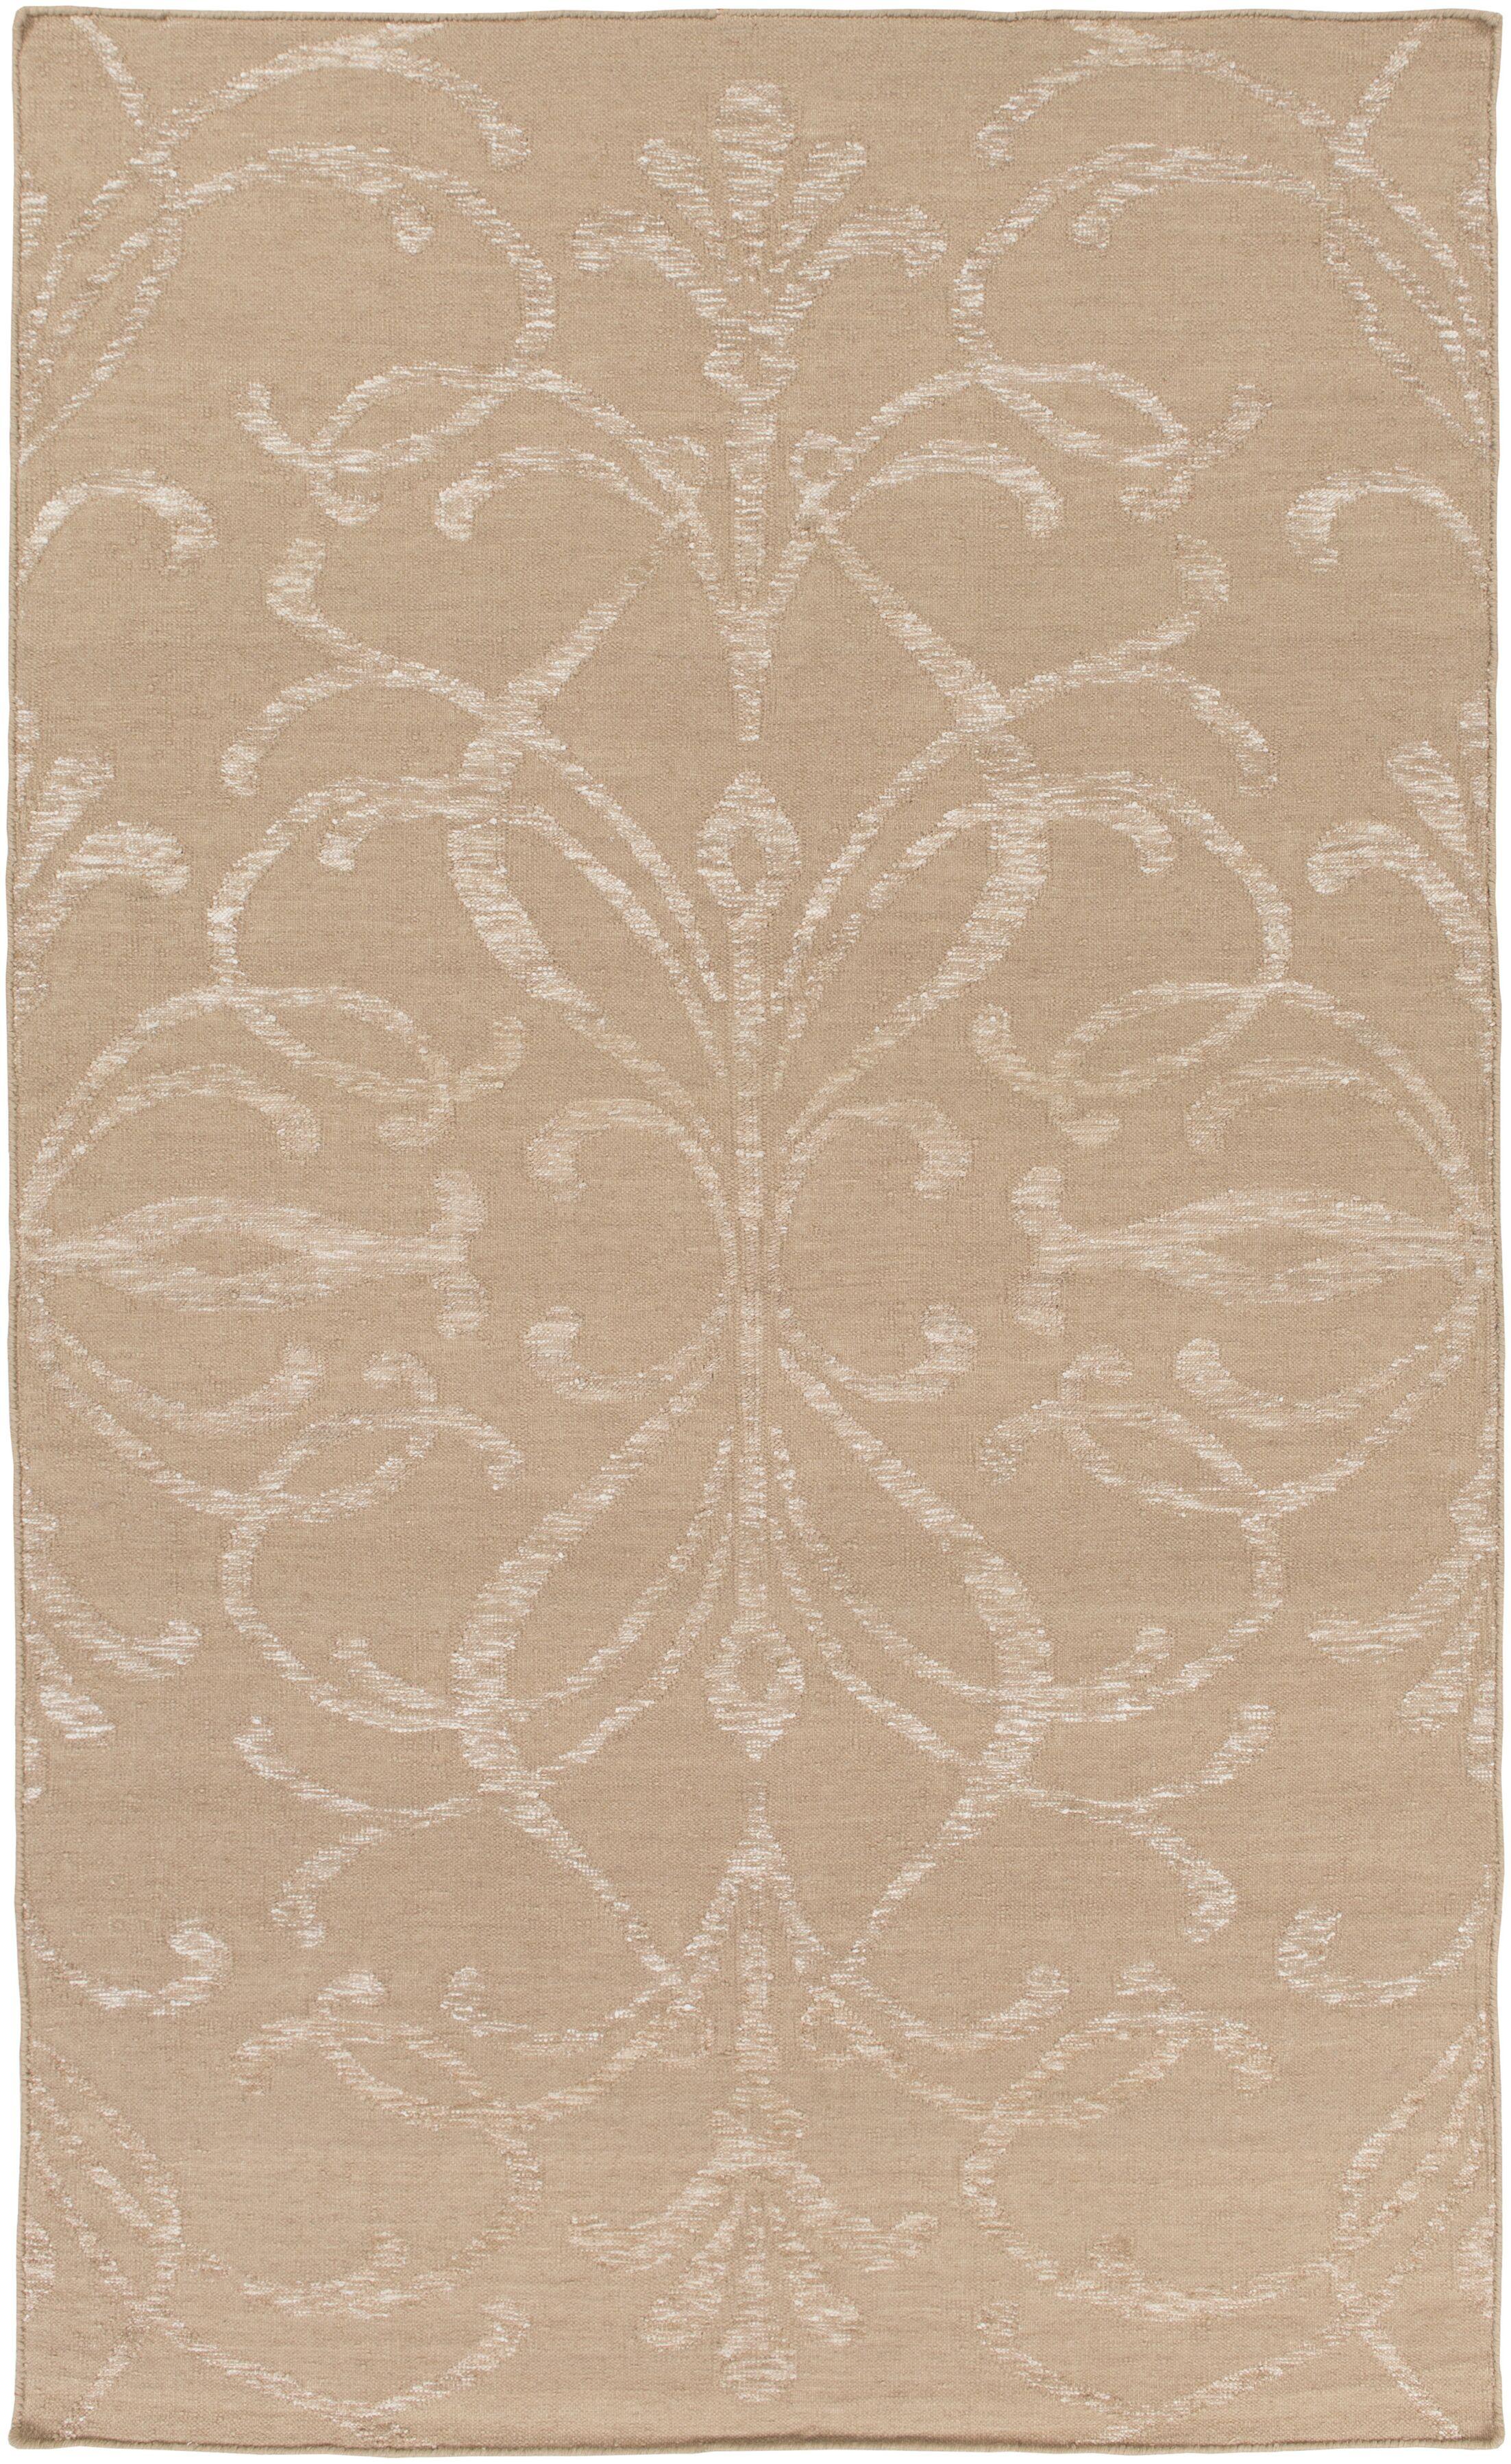 Delavan Hand Woven Beige Area Rug Rug Size: Rectangle 9' x 13'